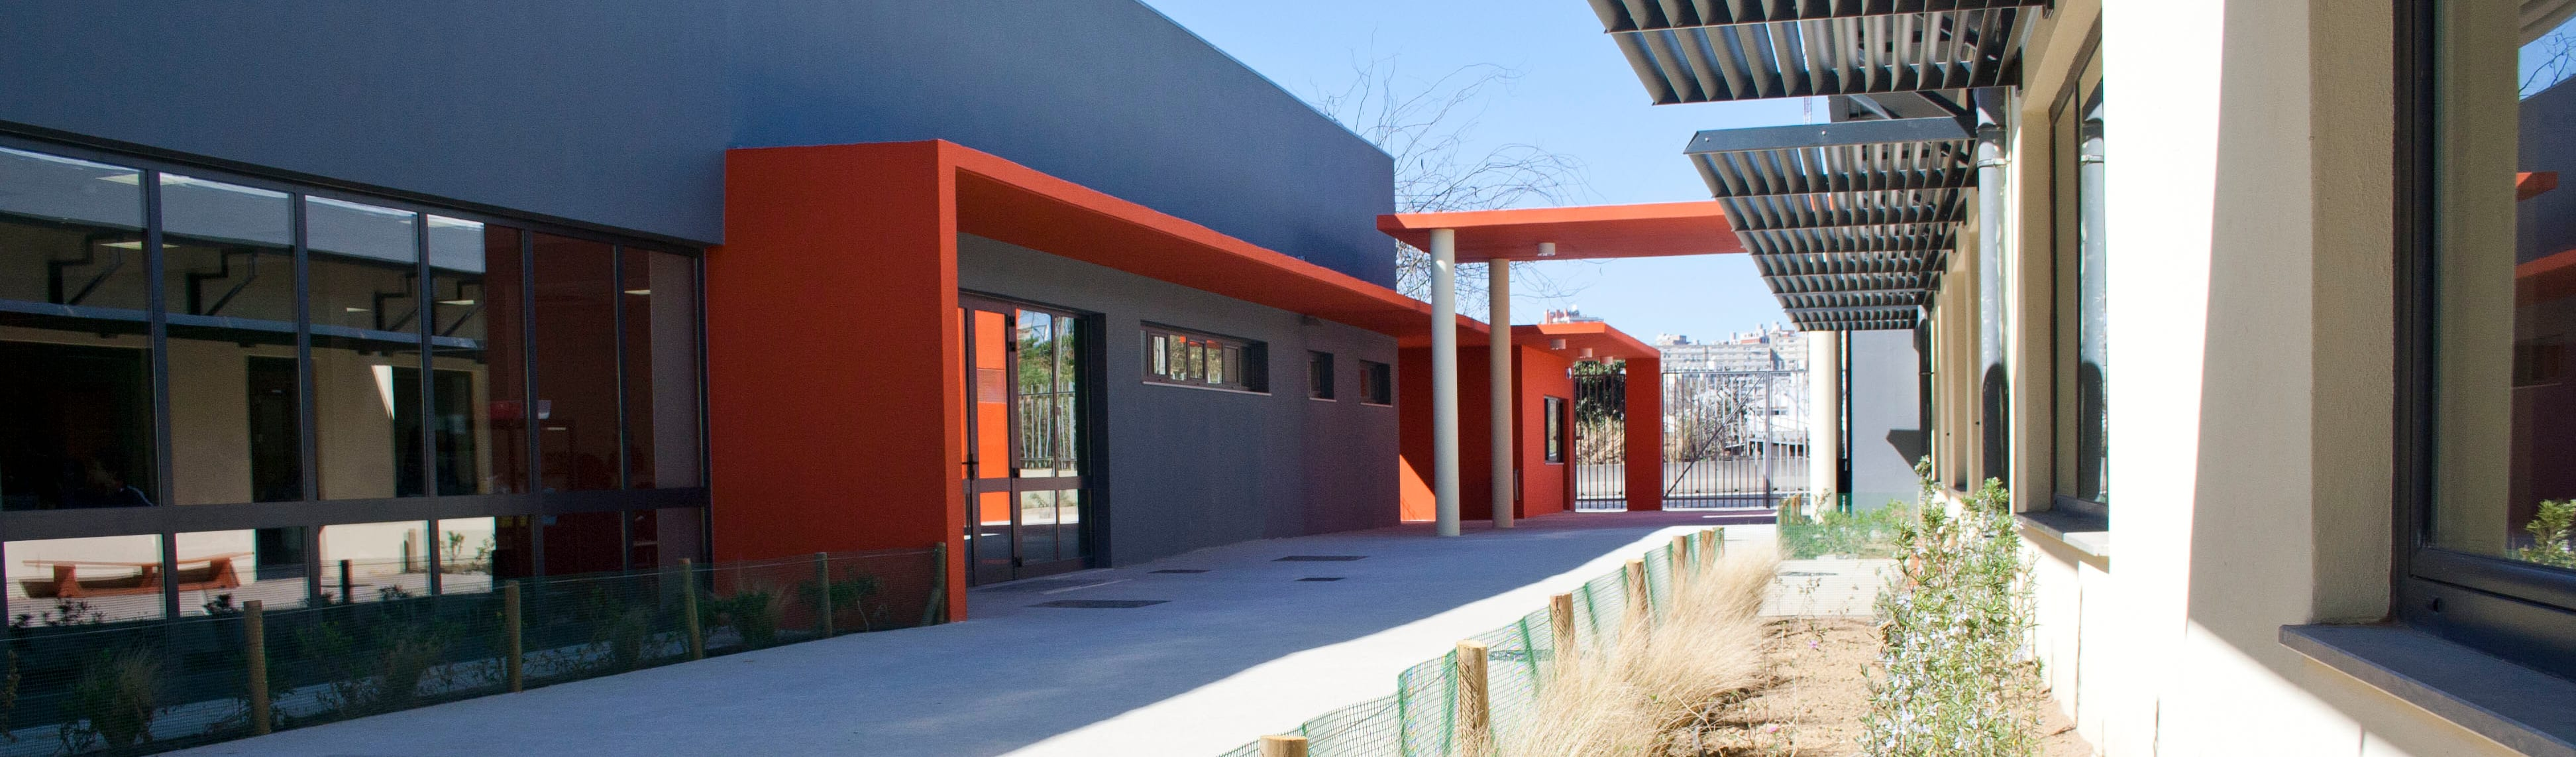 GIMA PROJECTOS—Arquitectura e Engenharia, Lda.